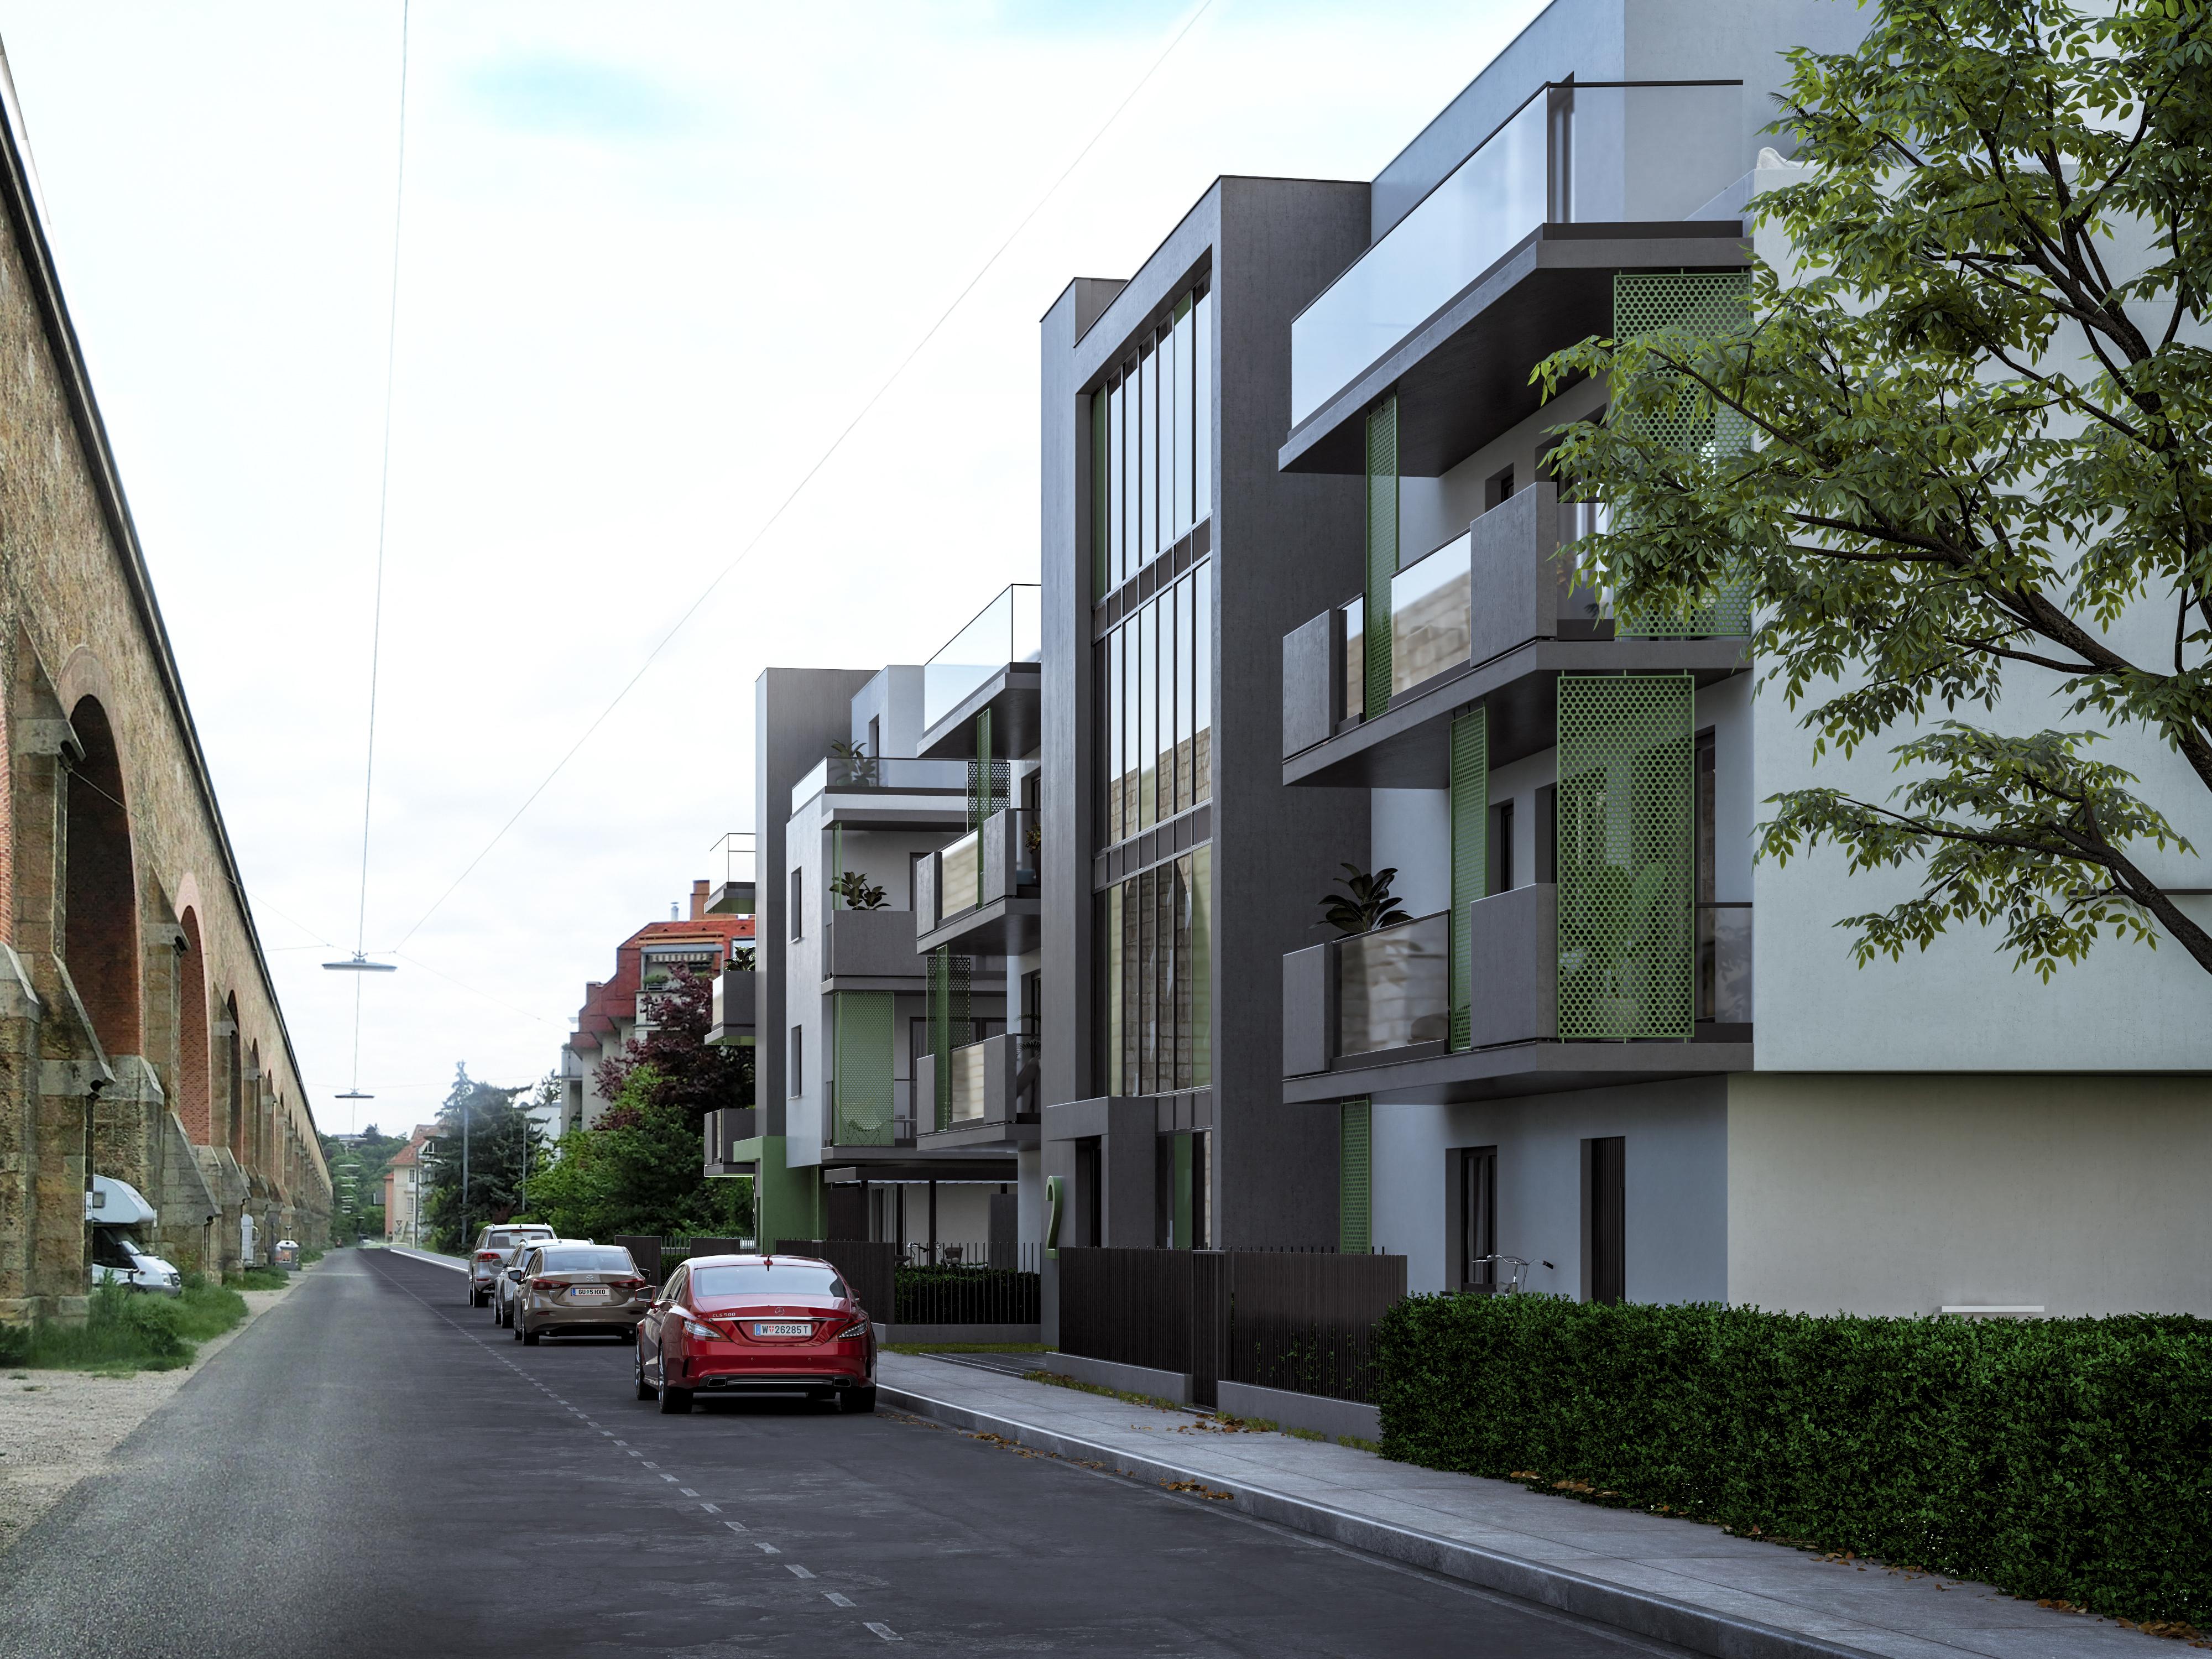 Foto einer fertiggestellten Wohnhausanlage in Wien | Paschinger Architekten aus Wien.